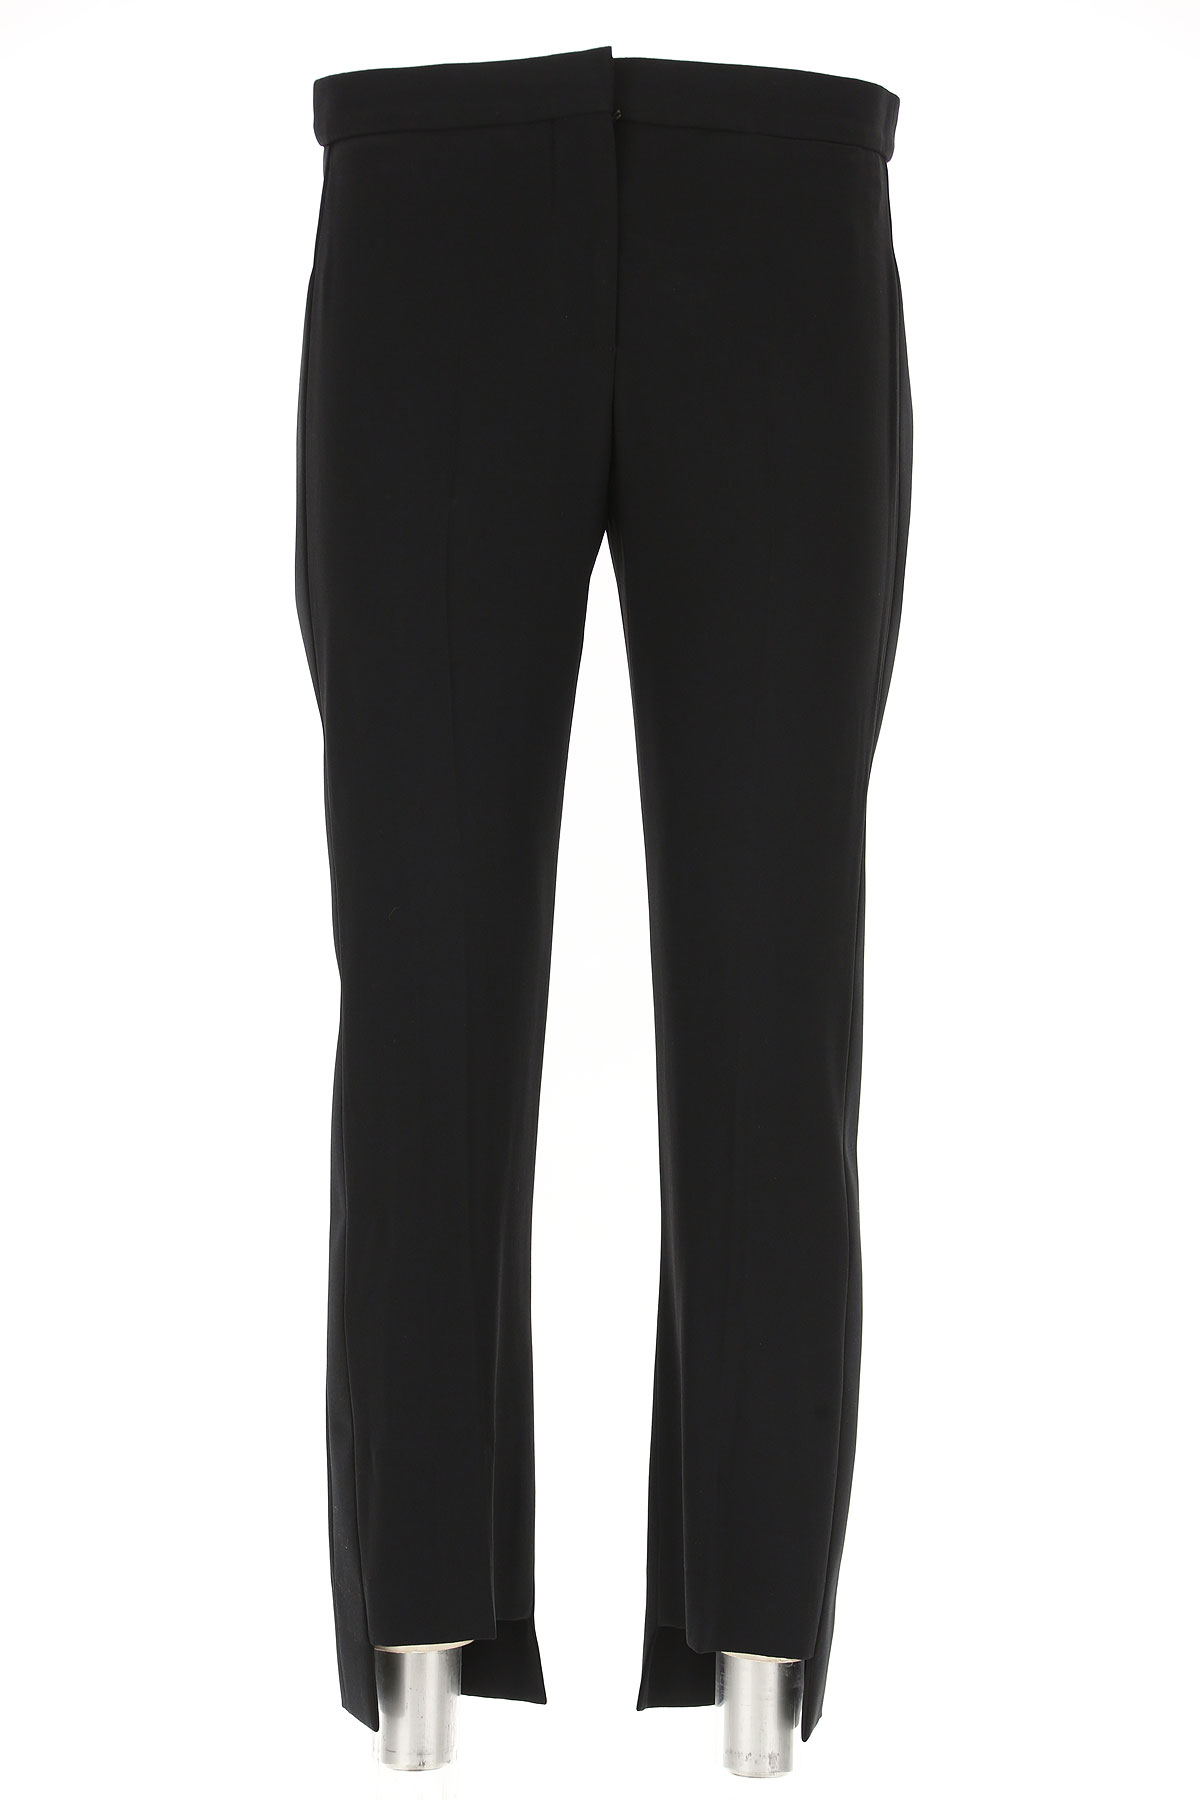 Image of Alexander McQueen Pants for Women, Black, Viscose, 2017, 26 28 32